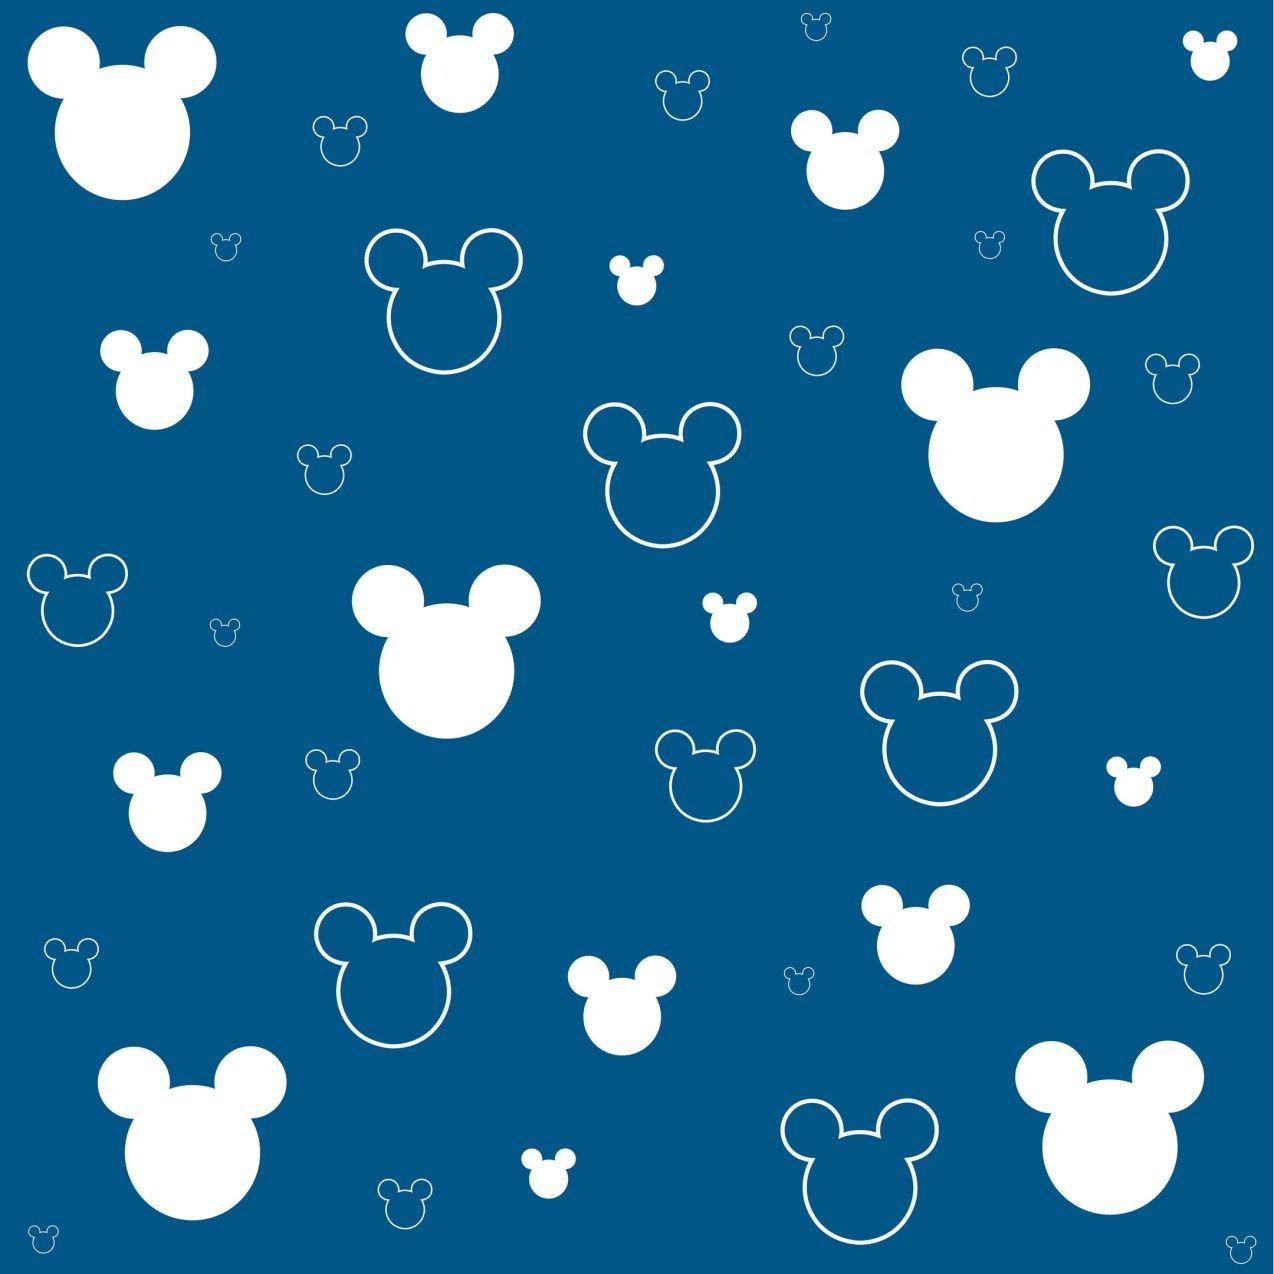 シンプルでかわいいミッキーマウスの柄高画質無料スマホ壁紙 スマホ